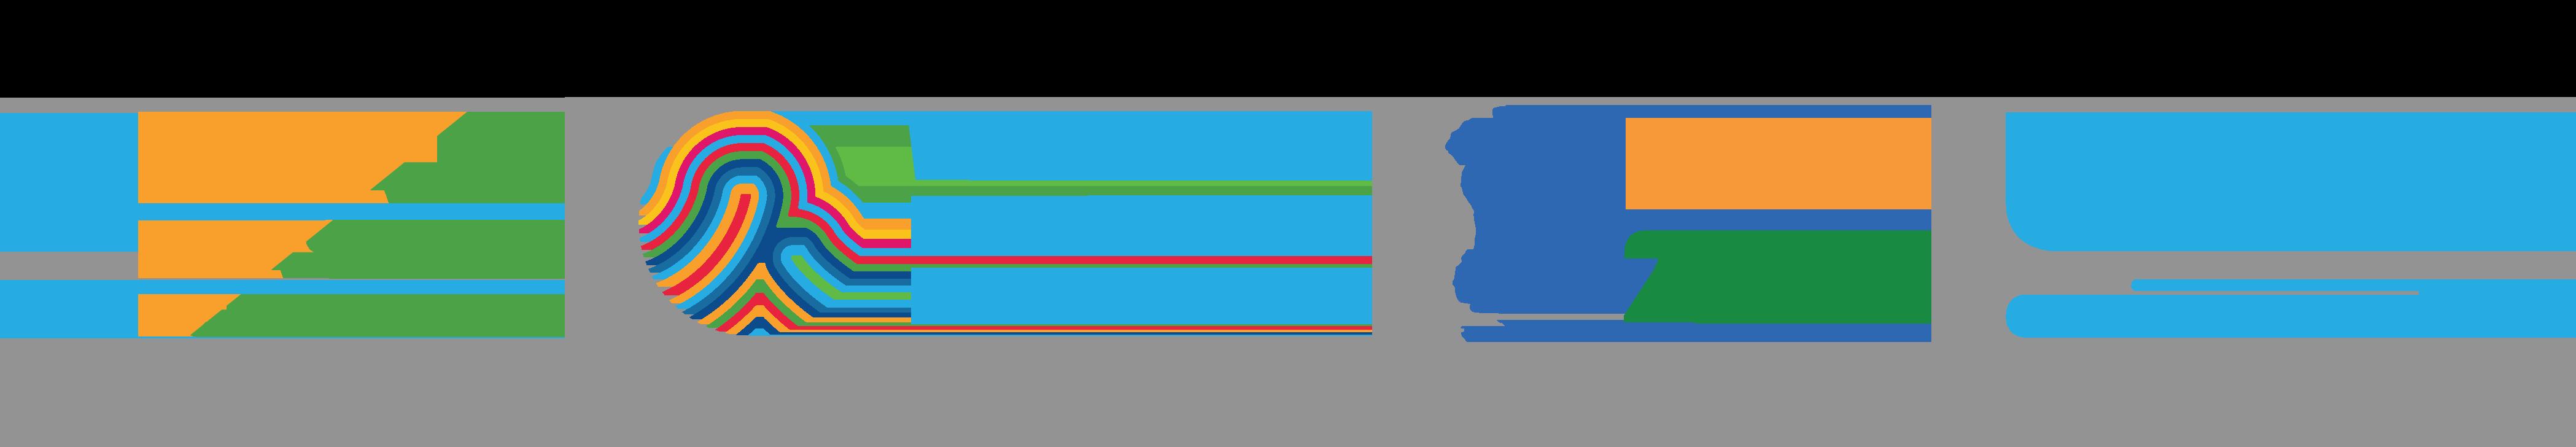 Chủ đề Ngày môi trường thế giới năm 2018